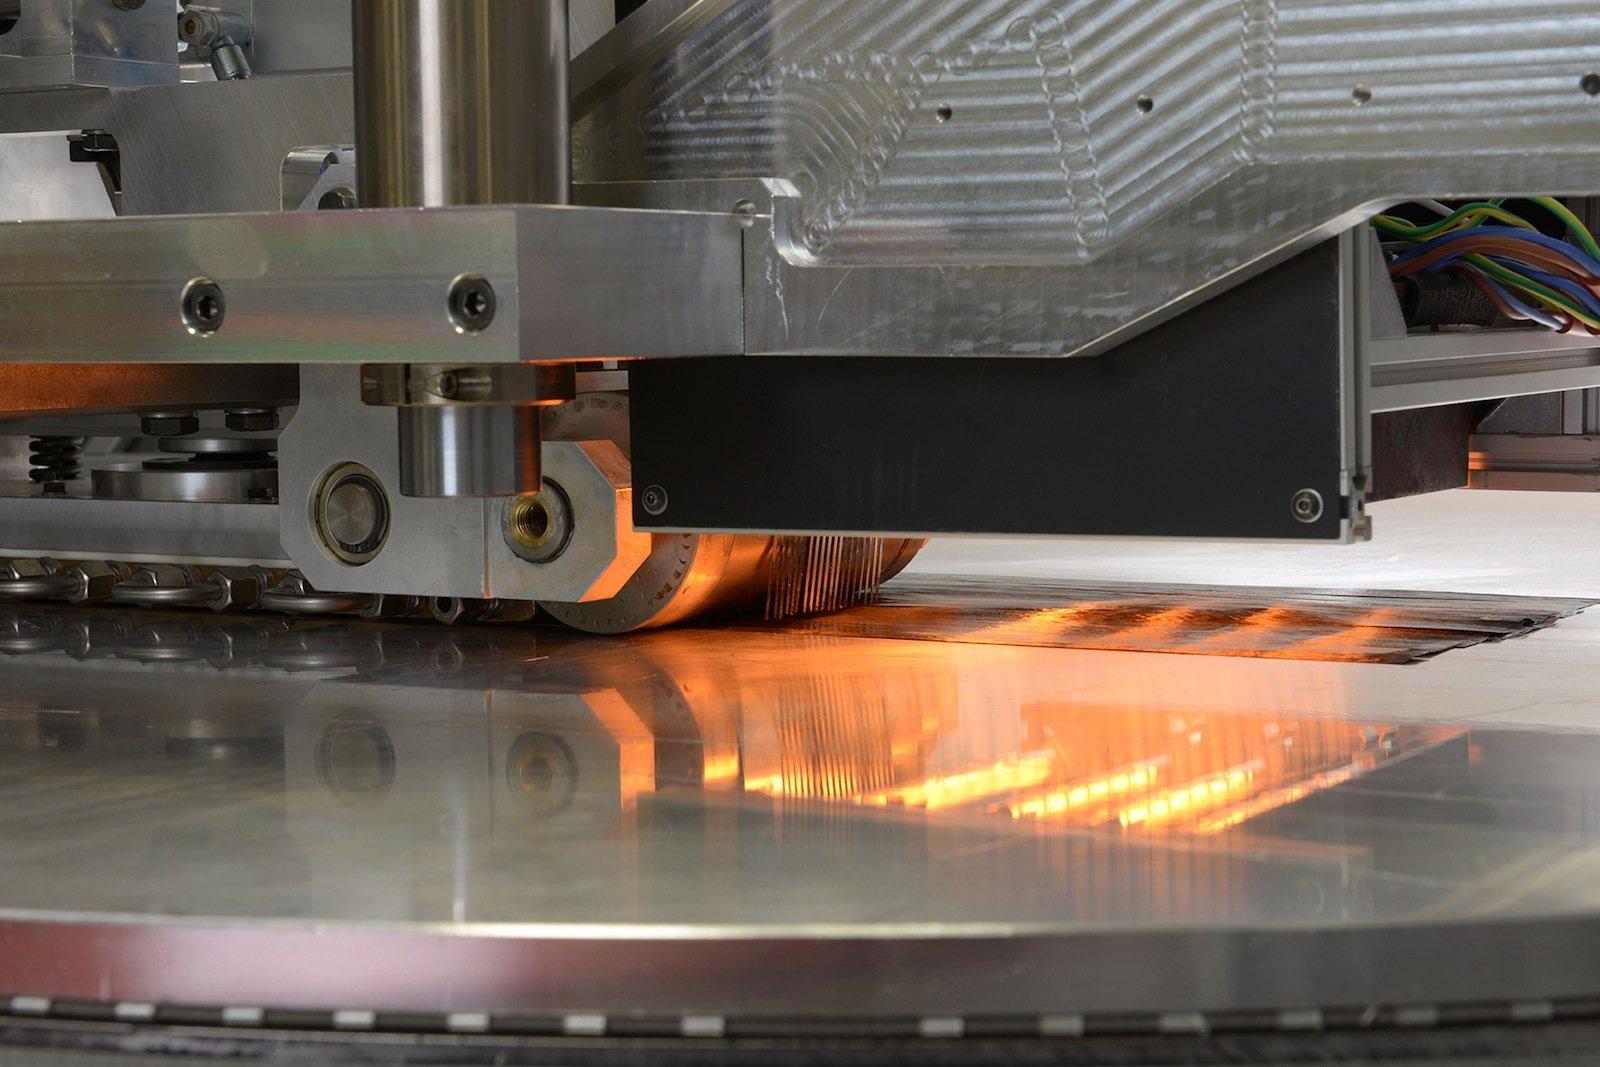 Bei der Verarbeitung des Kunststoffs werden Infrarotstrahler als Wärmequelle eingesetzt. So können die Produkte – Kohlenstoff- oder Glasfasertapes – in die endgültige Form gebracht werden.